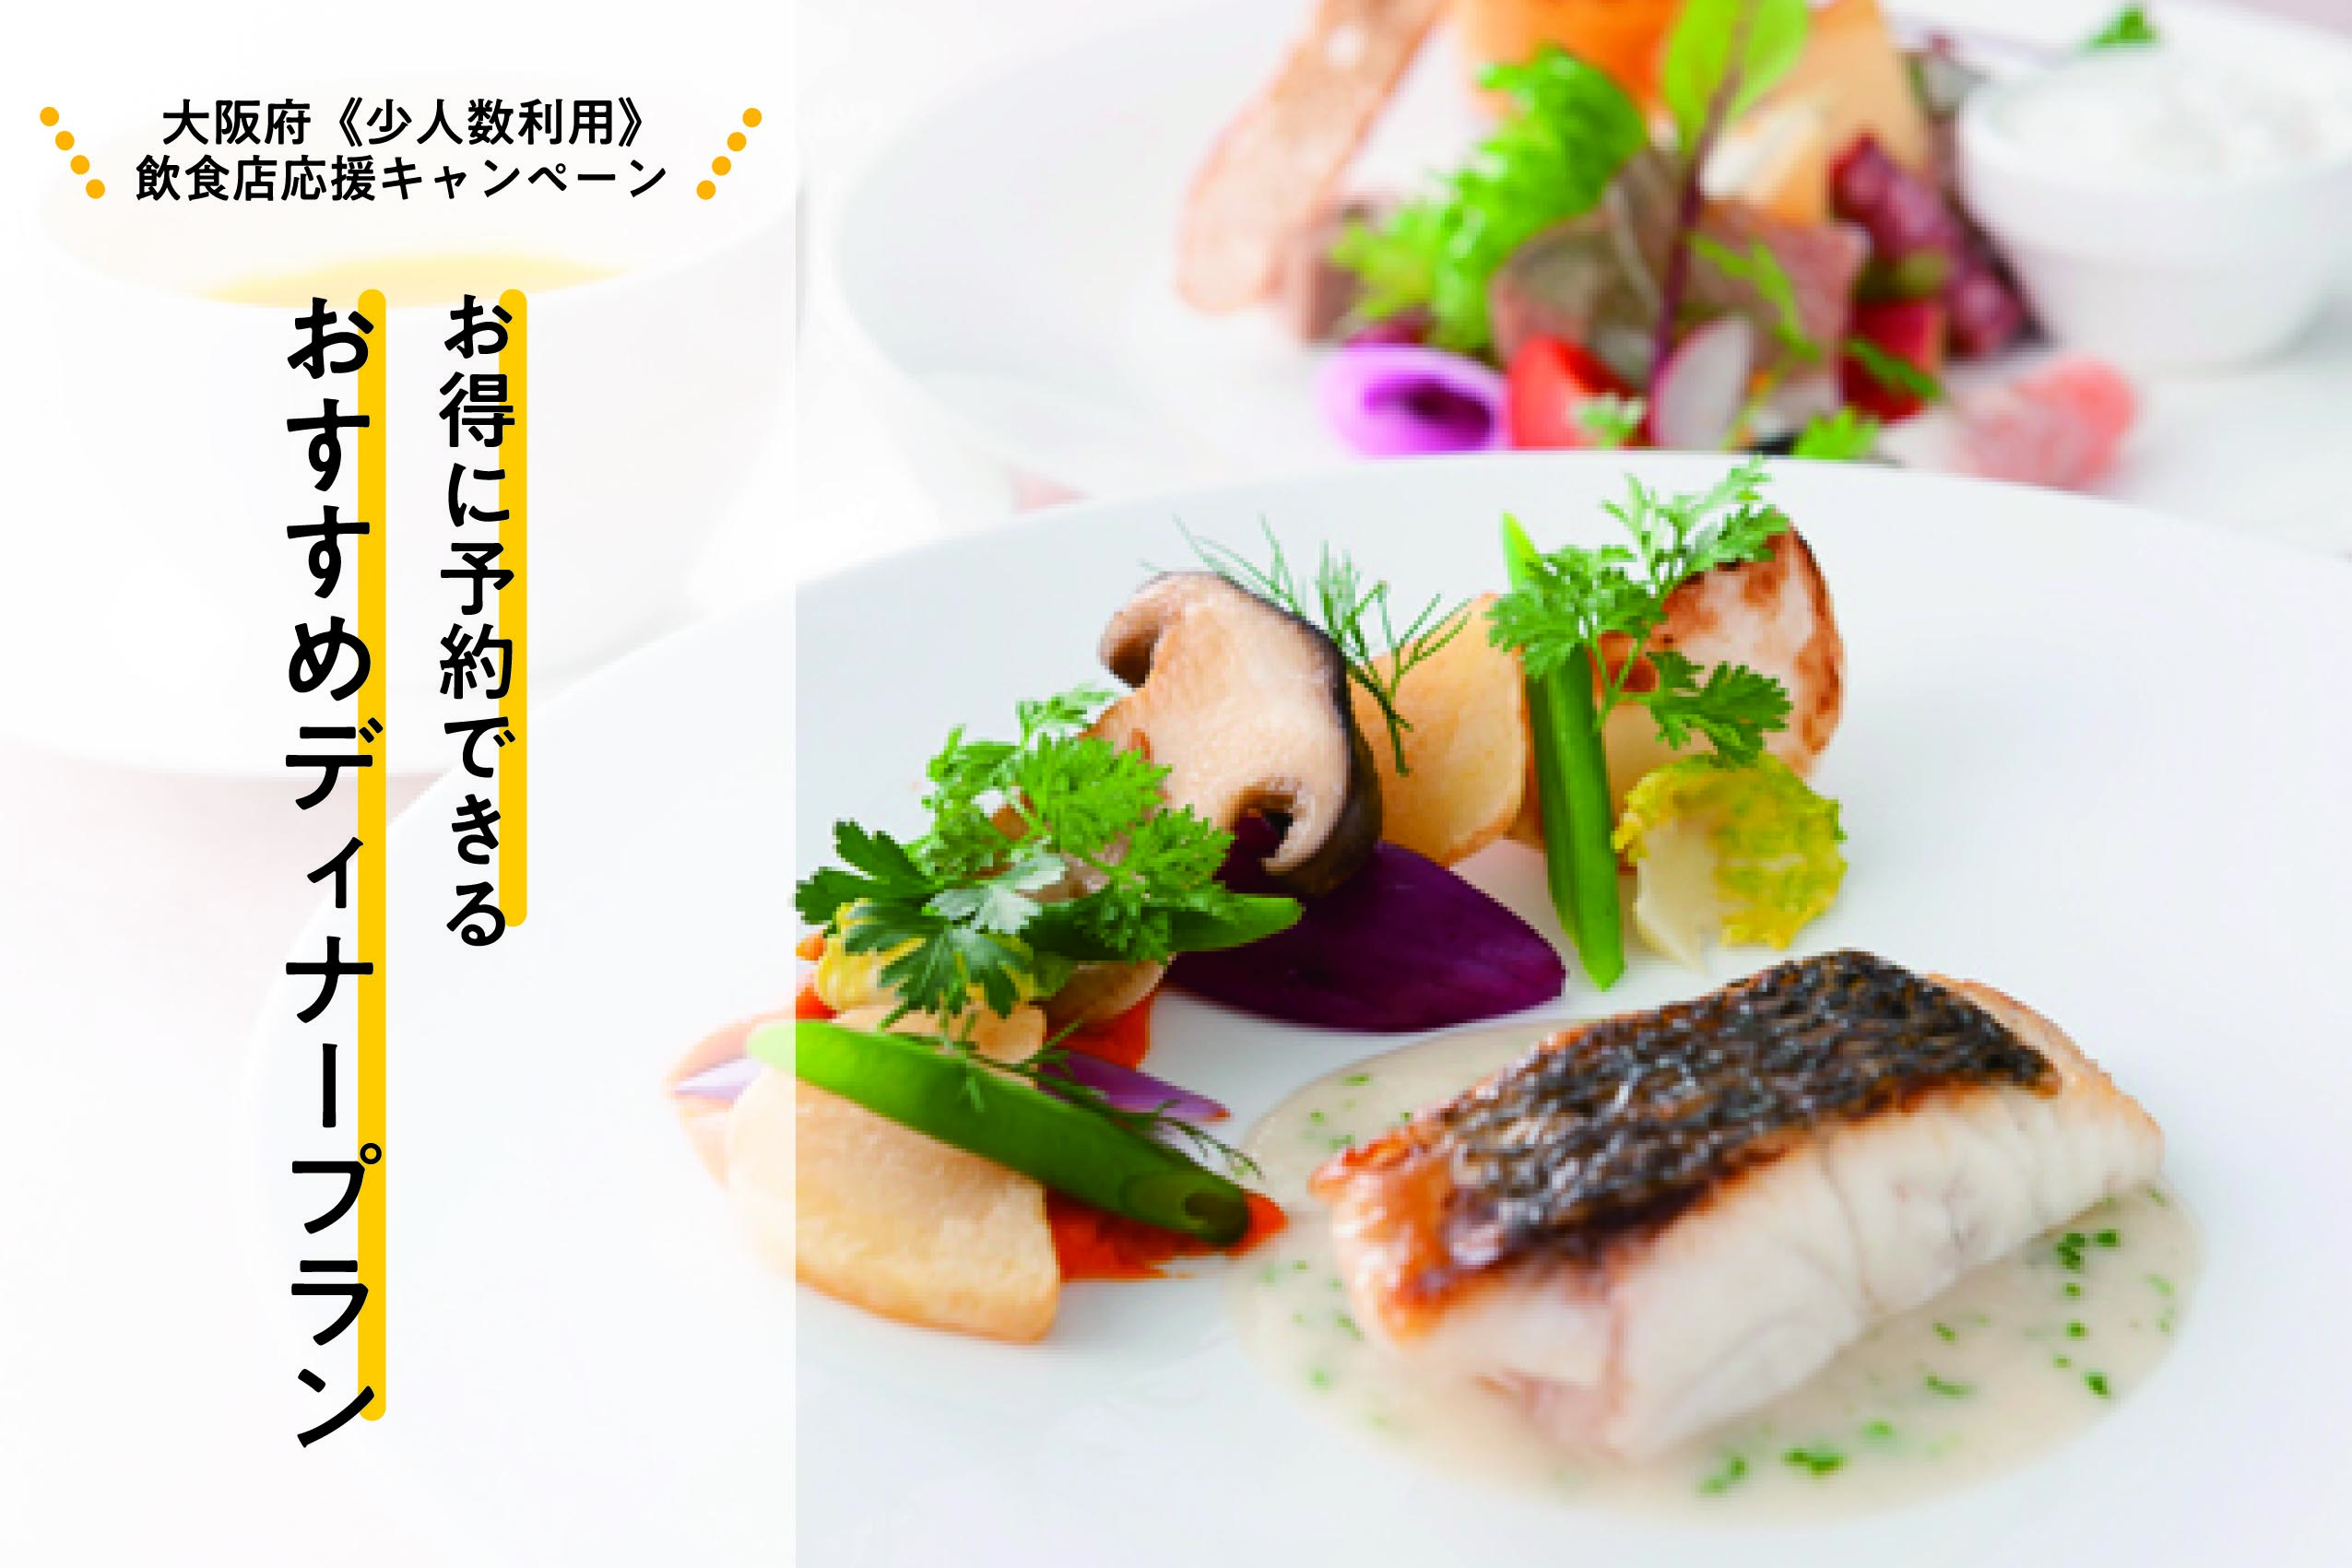 大阪府少人数利用飲食店応援キャンペーンまとめ[PR]